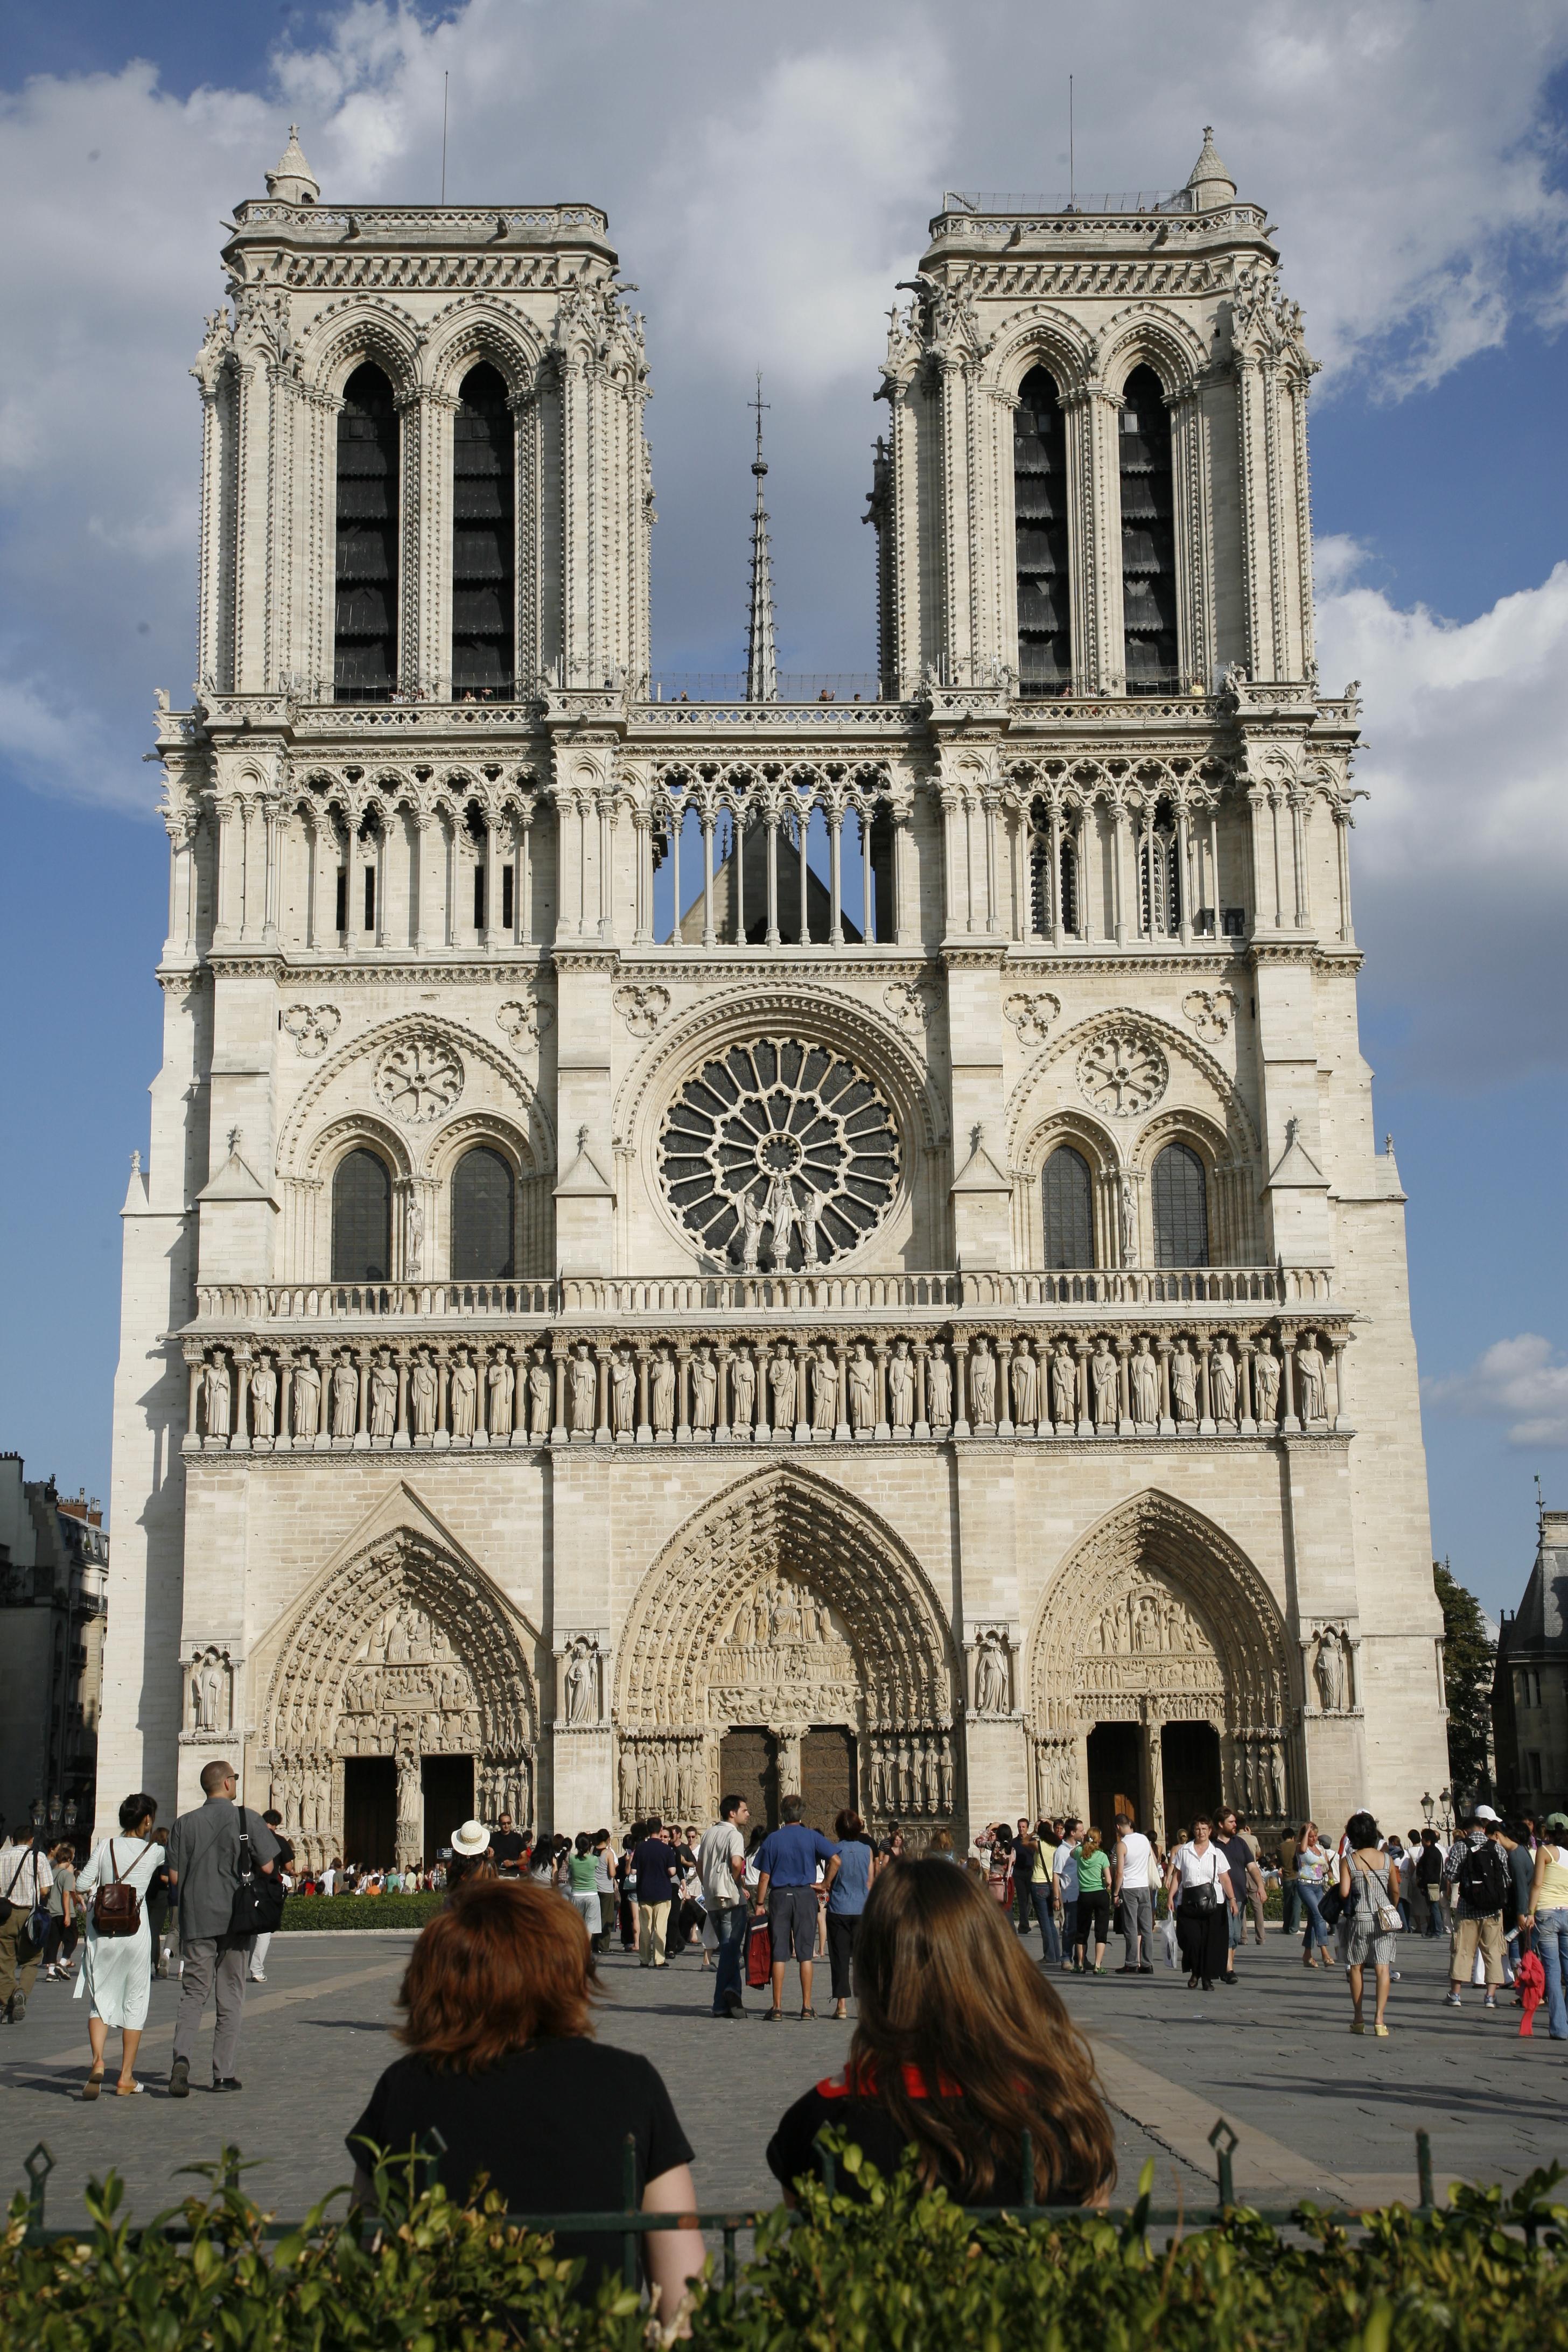 Image Cathédrale Notre Dame de Paris Notre-dame de Paris